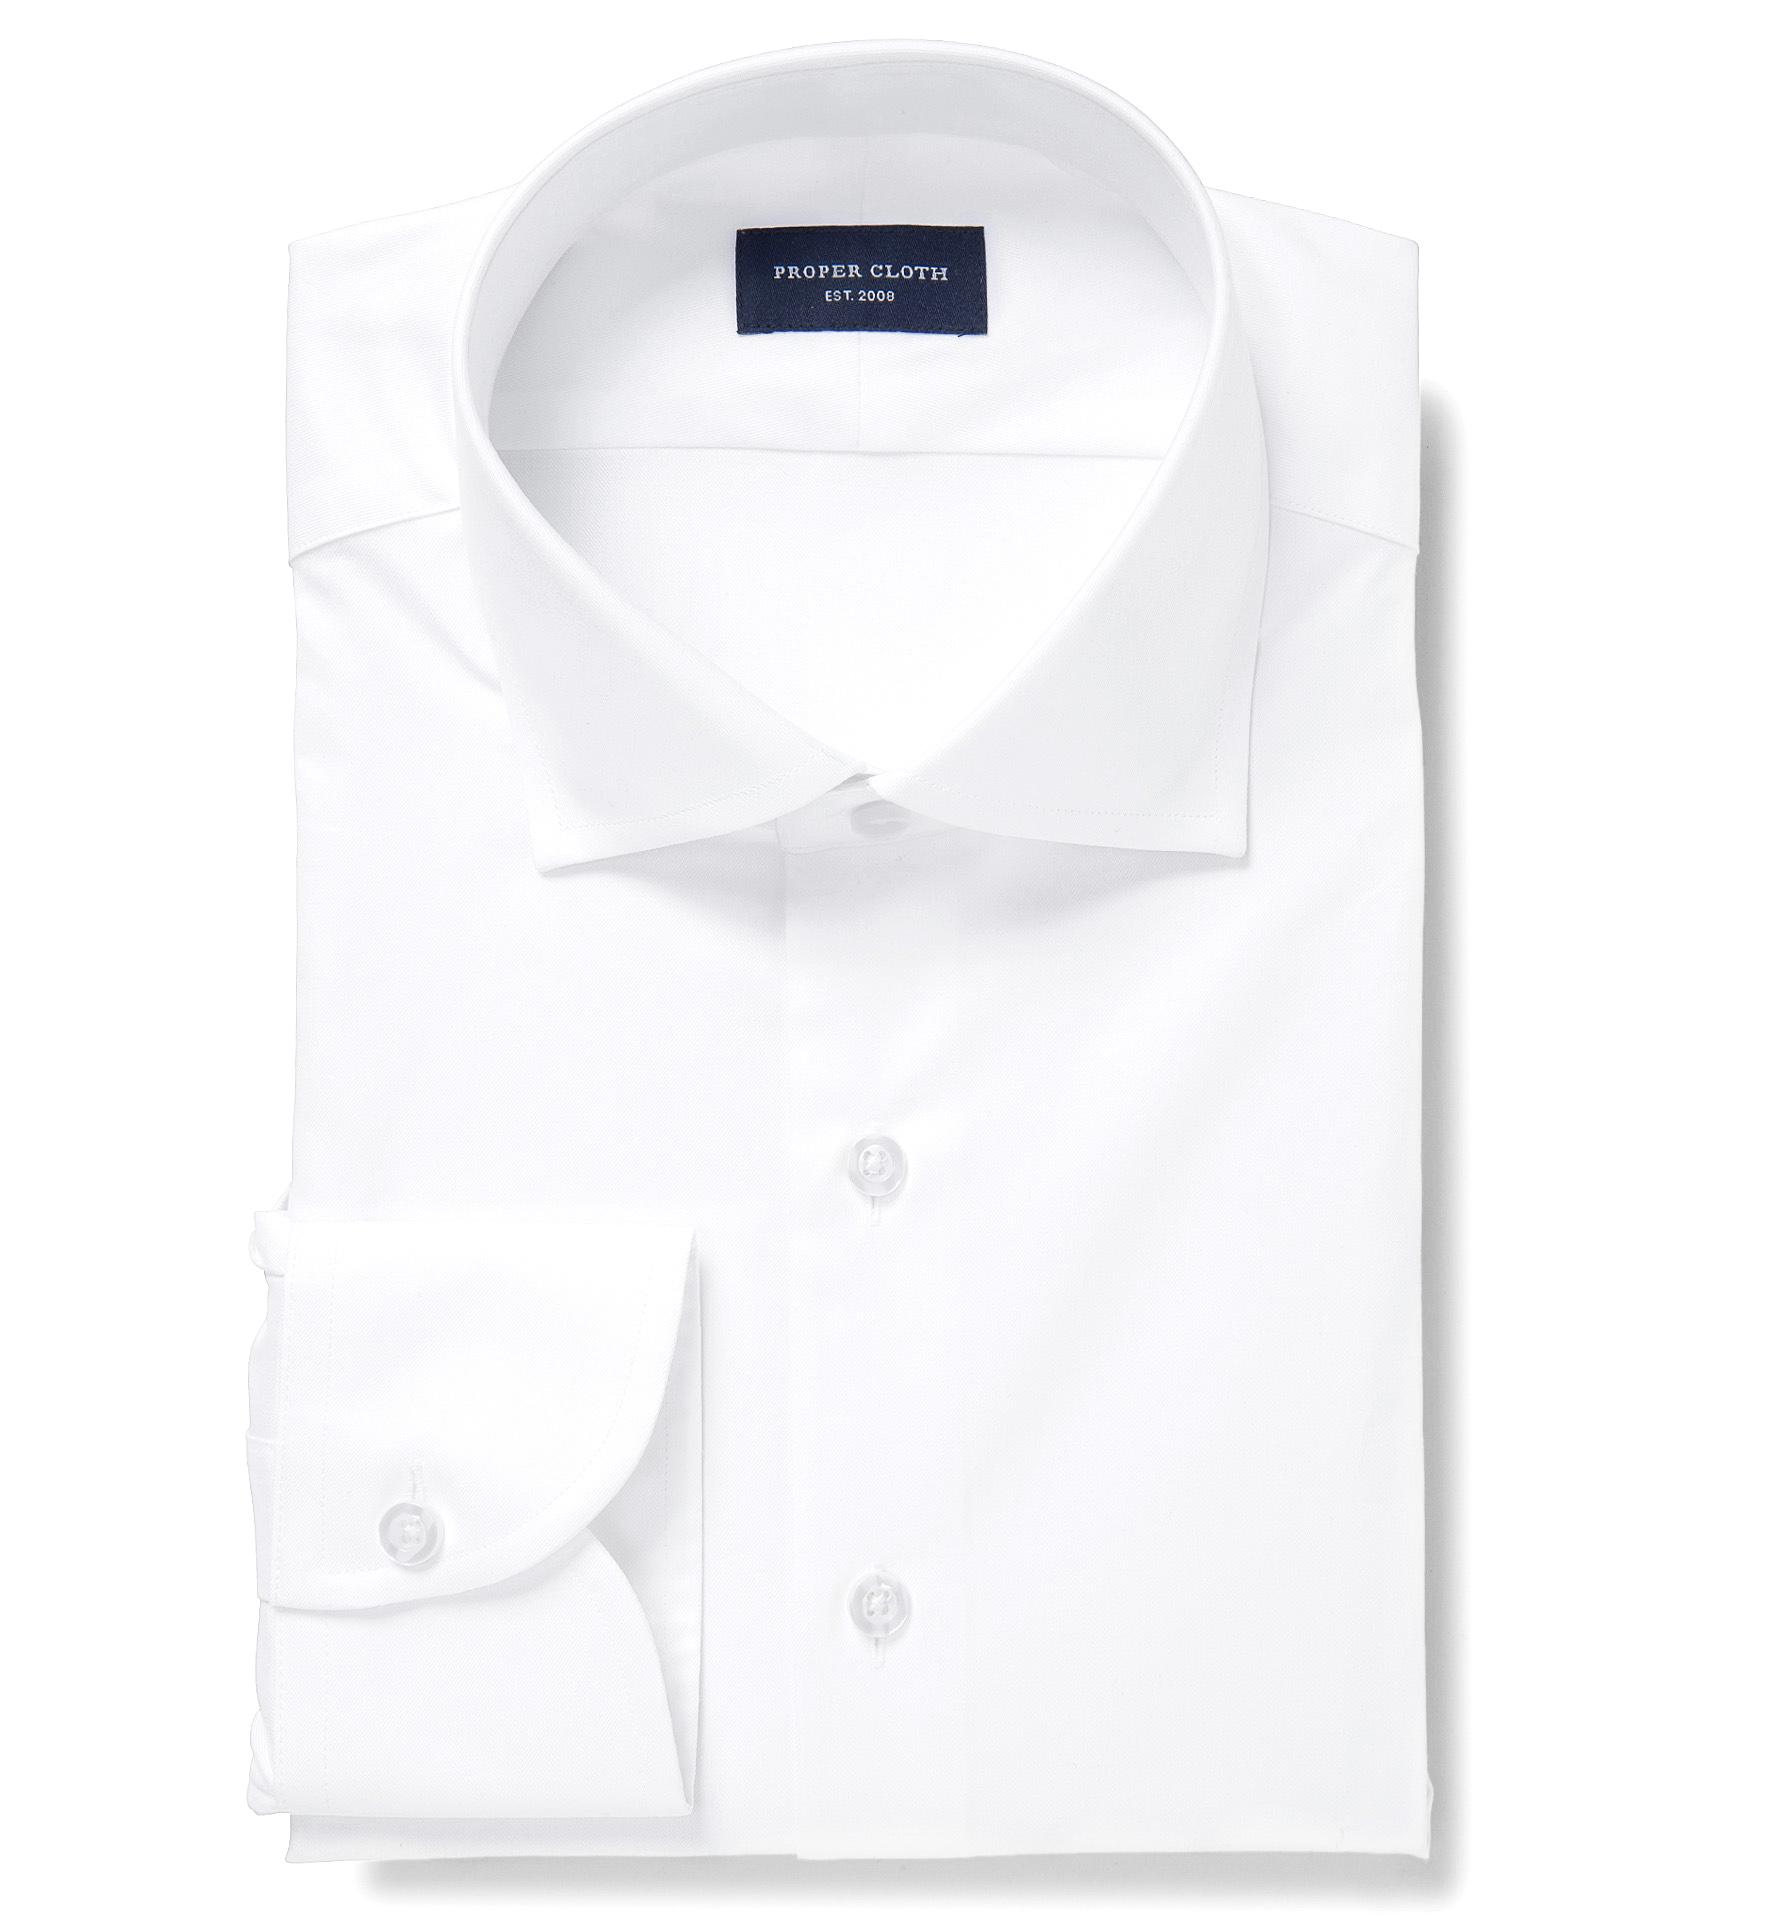 Design t shirt online template - New Arrivals